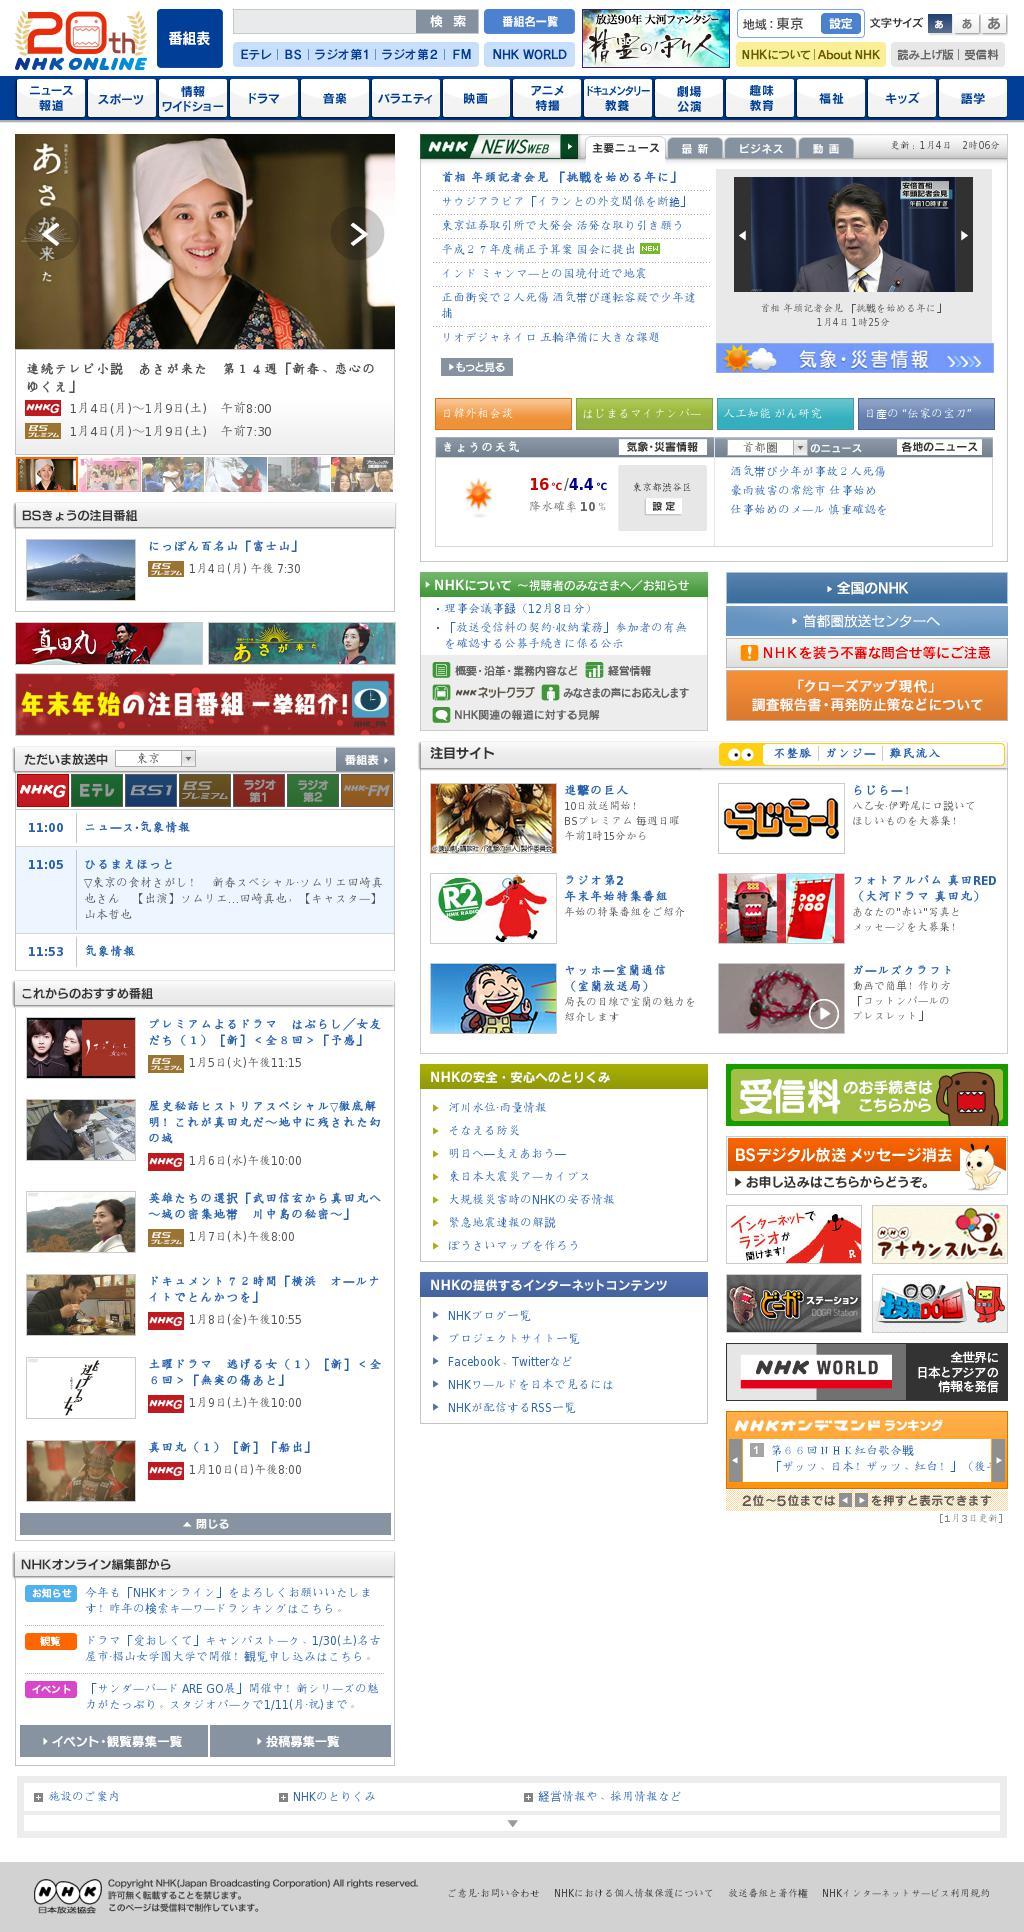 NHK Online at Monday Jan. 4, 2016, 2:22 a.m. UTC